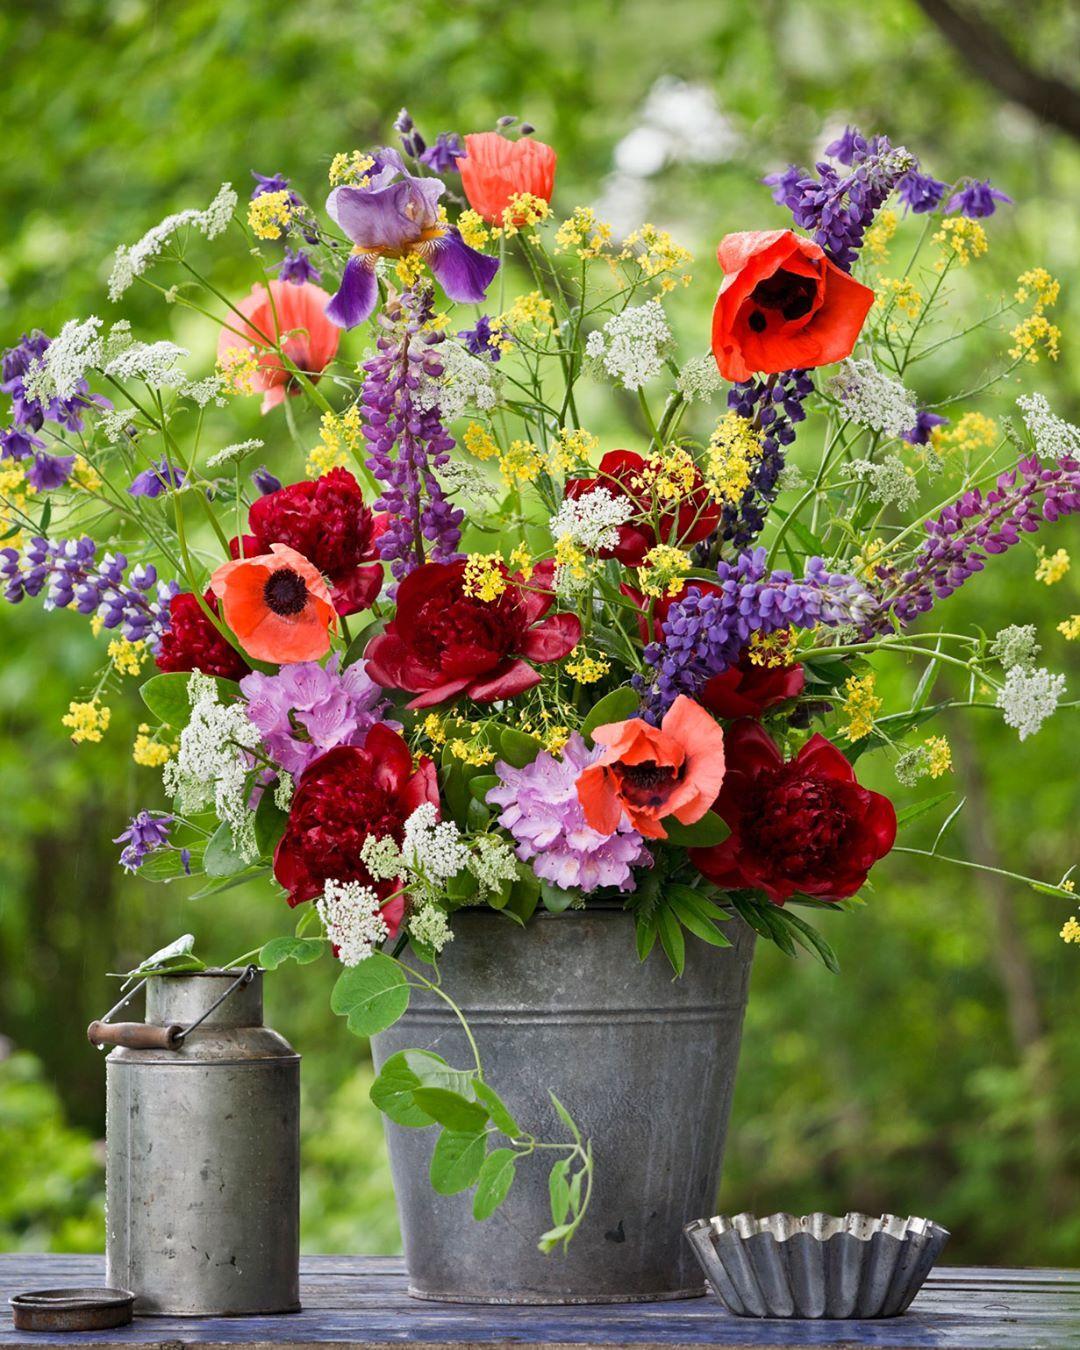 Skona Hem On Instagram Med Hopp Om Sol Och Varme Vill Vi Onska Alla Vara Harliga Foljare En Riktigt Glad Midsommar In 2020 Flower Pots Floral Flower Arrangements